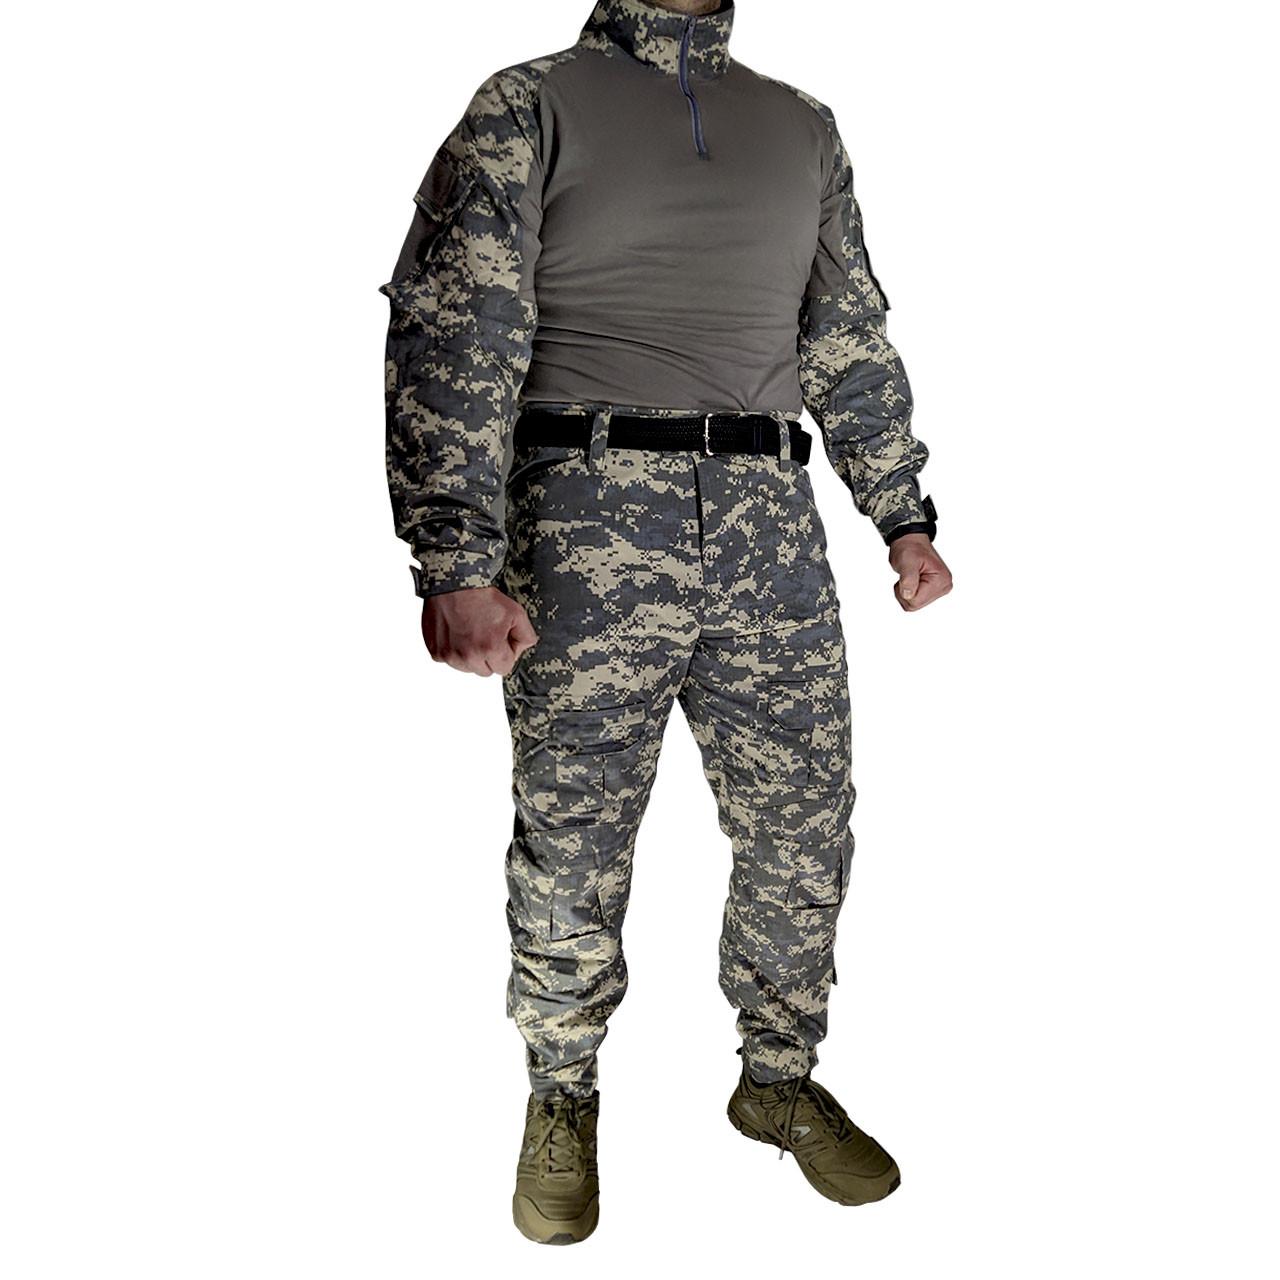 Костюм тактический Lesko A751 Camouflage UCP XXXL (40 р.) камуфляжный комплект для мужчин с длинным рукавом